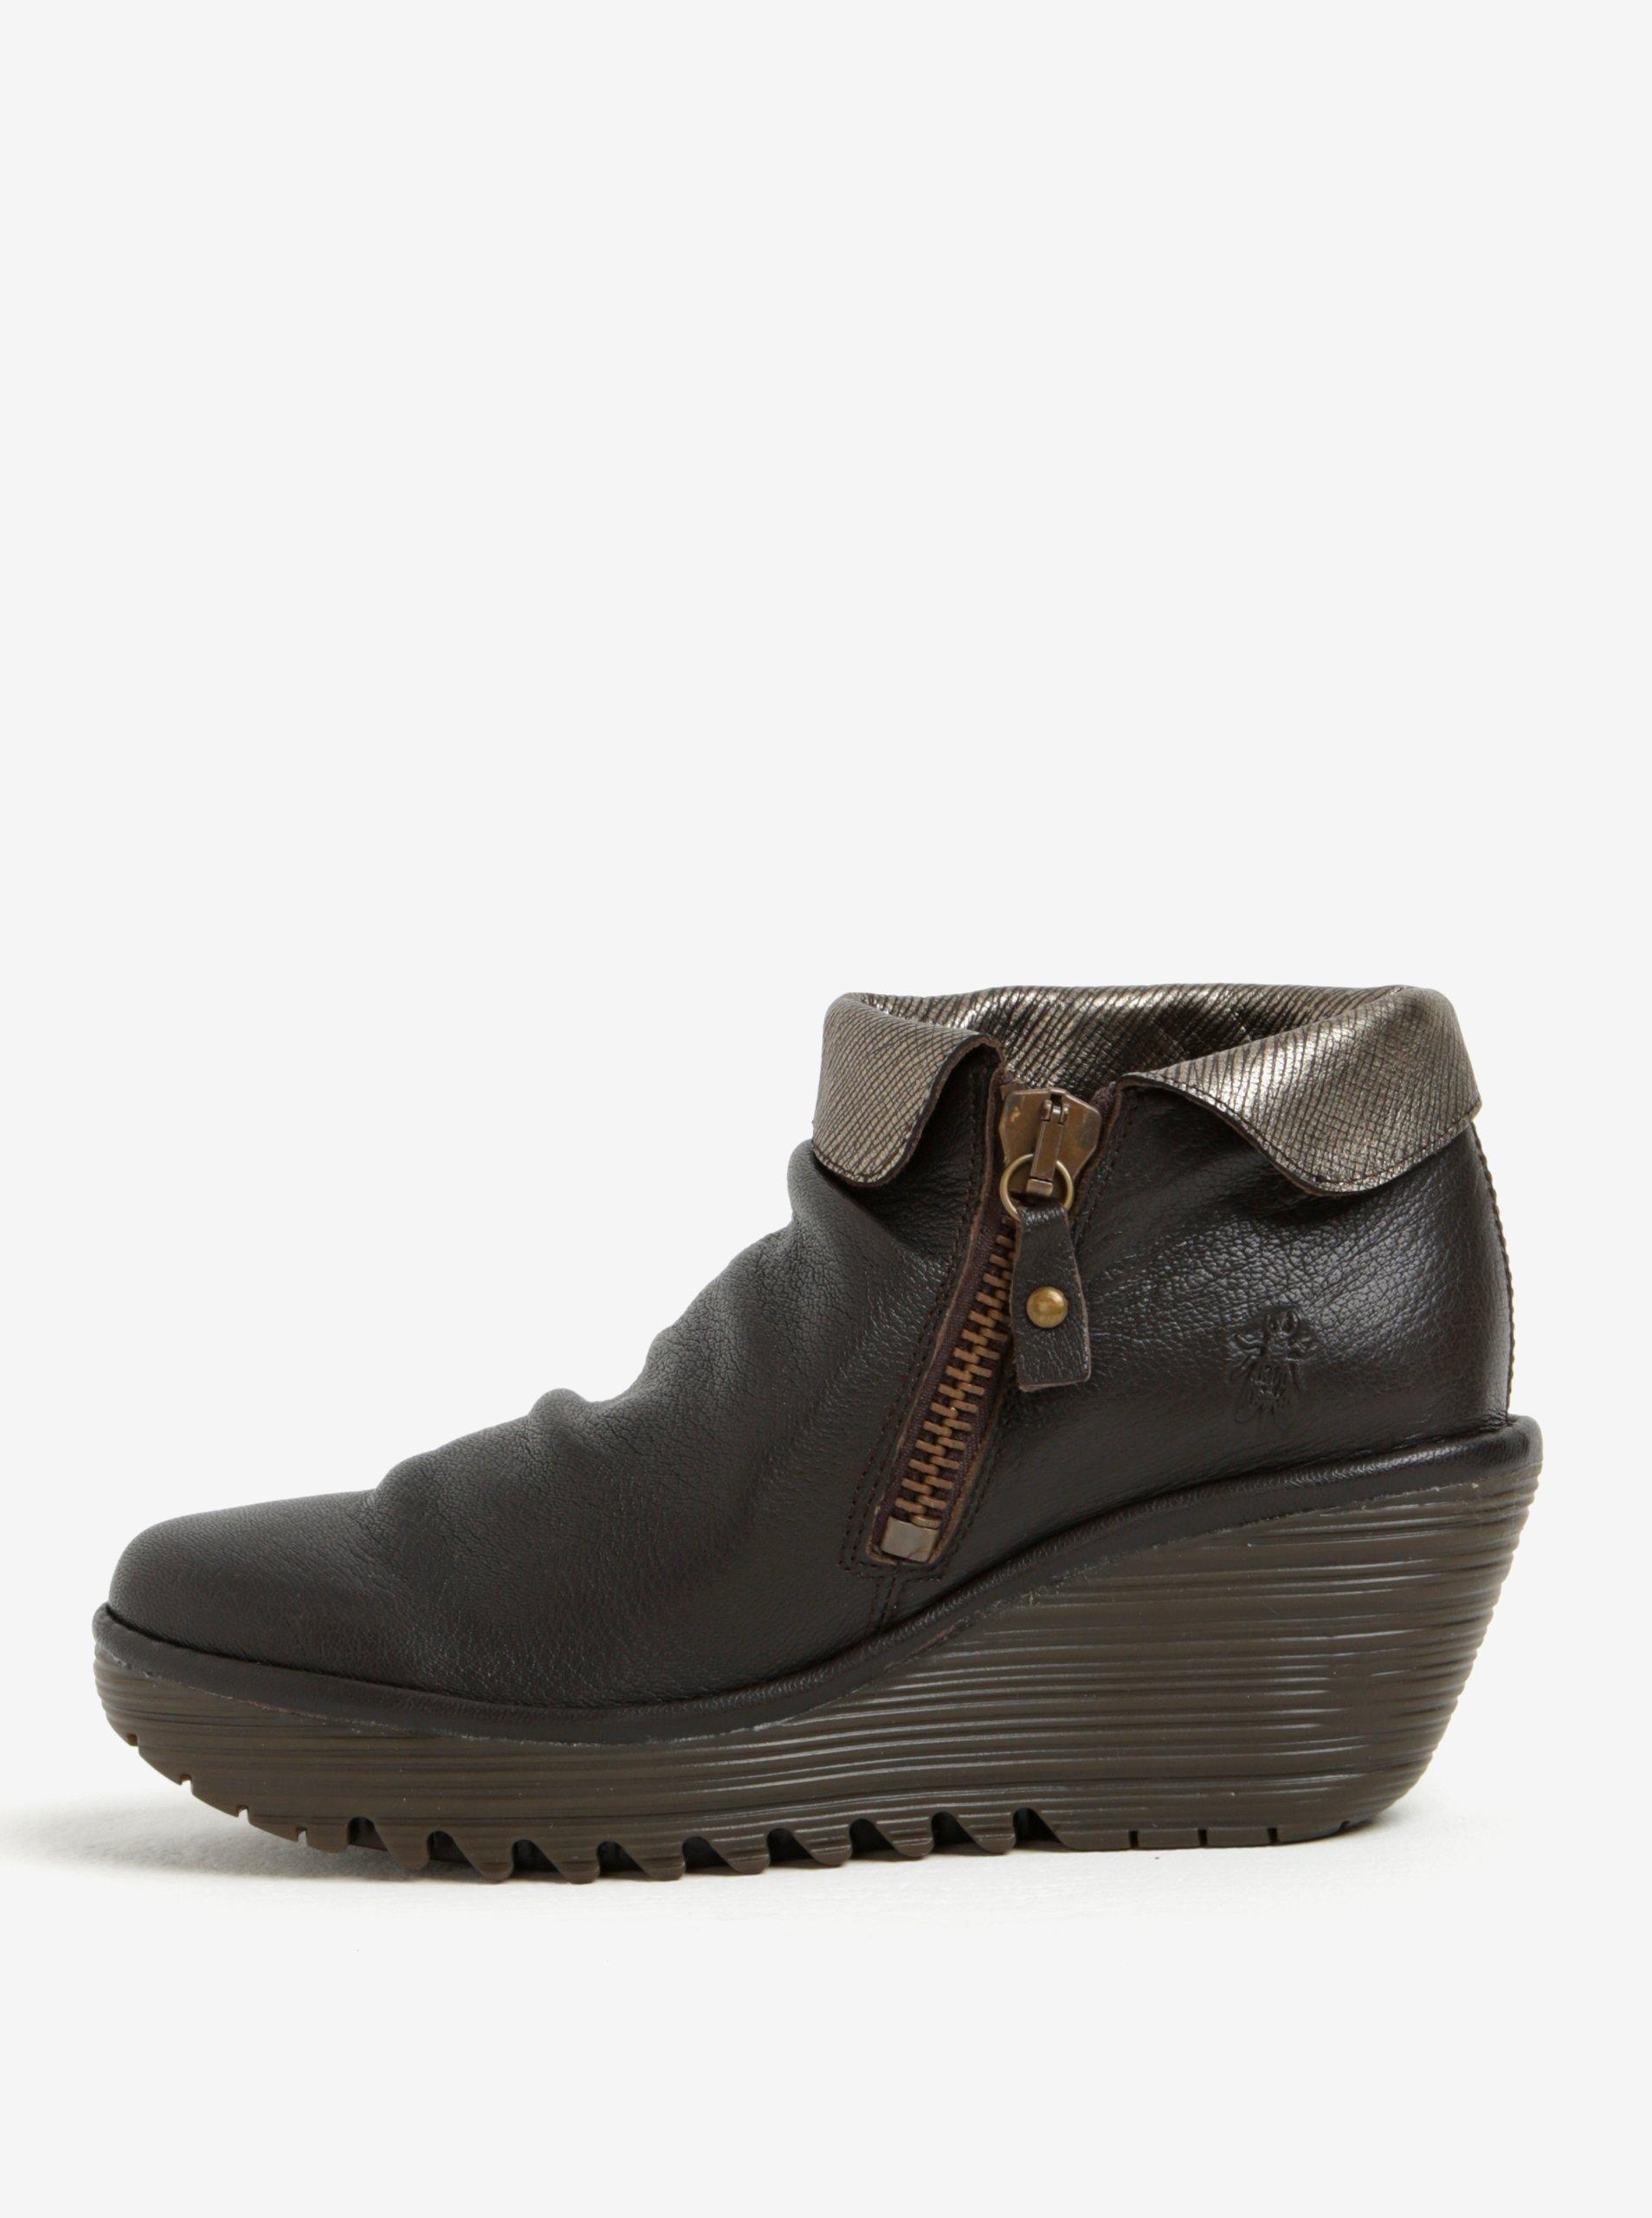 Tmavě hnědé dámské kožené kotníkové boty na klínku Fly London